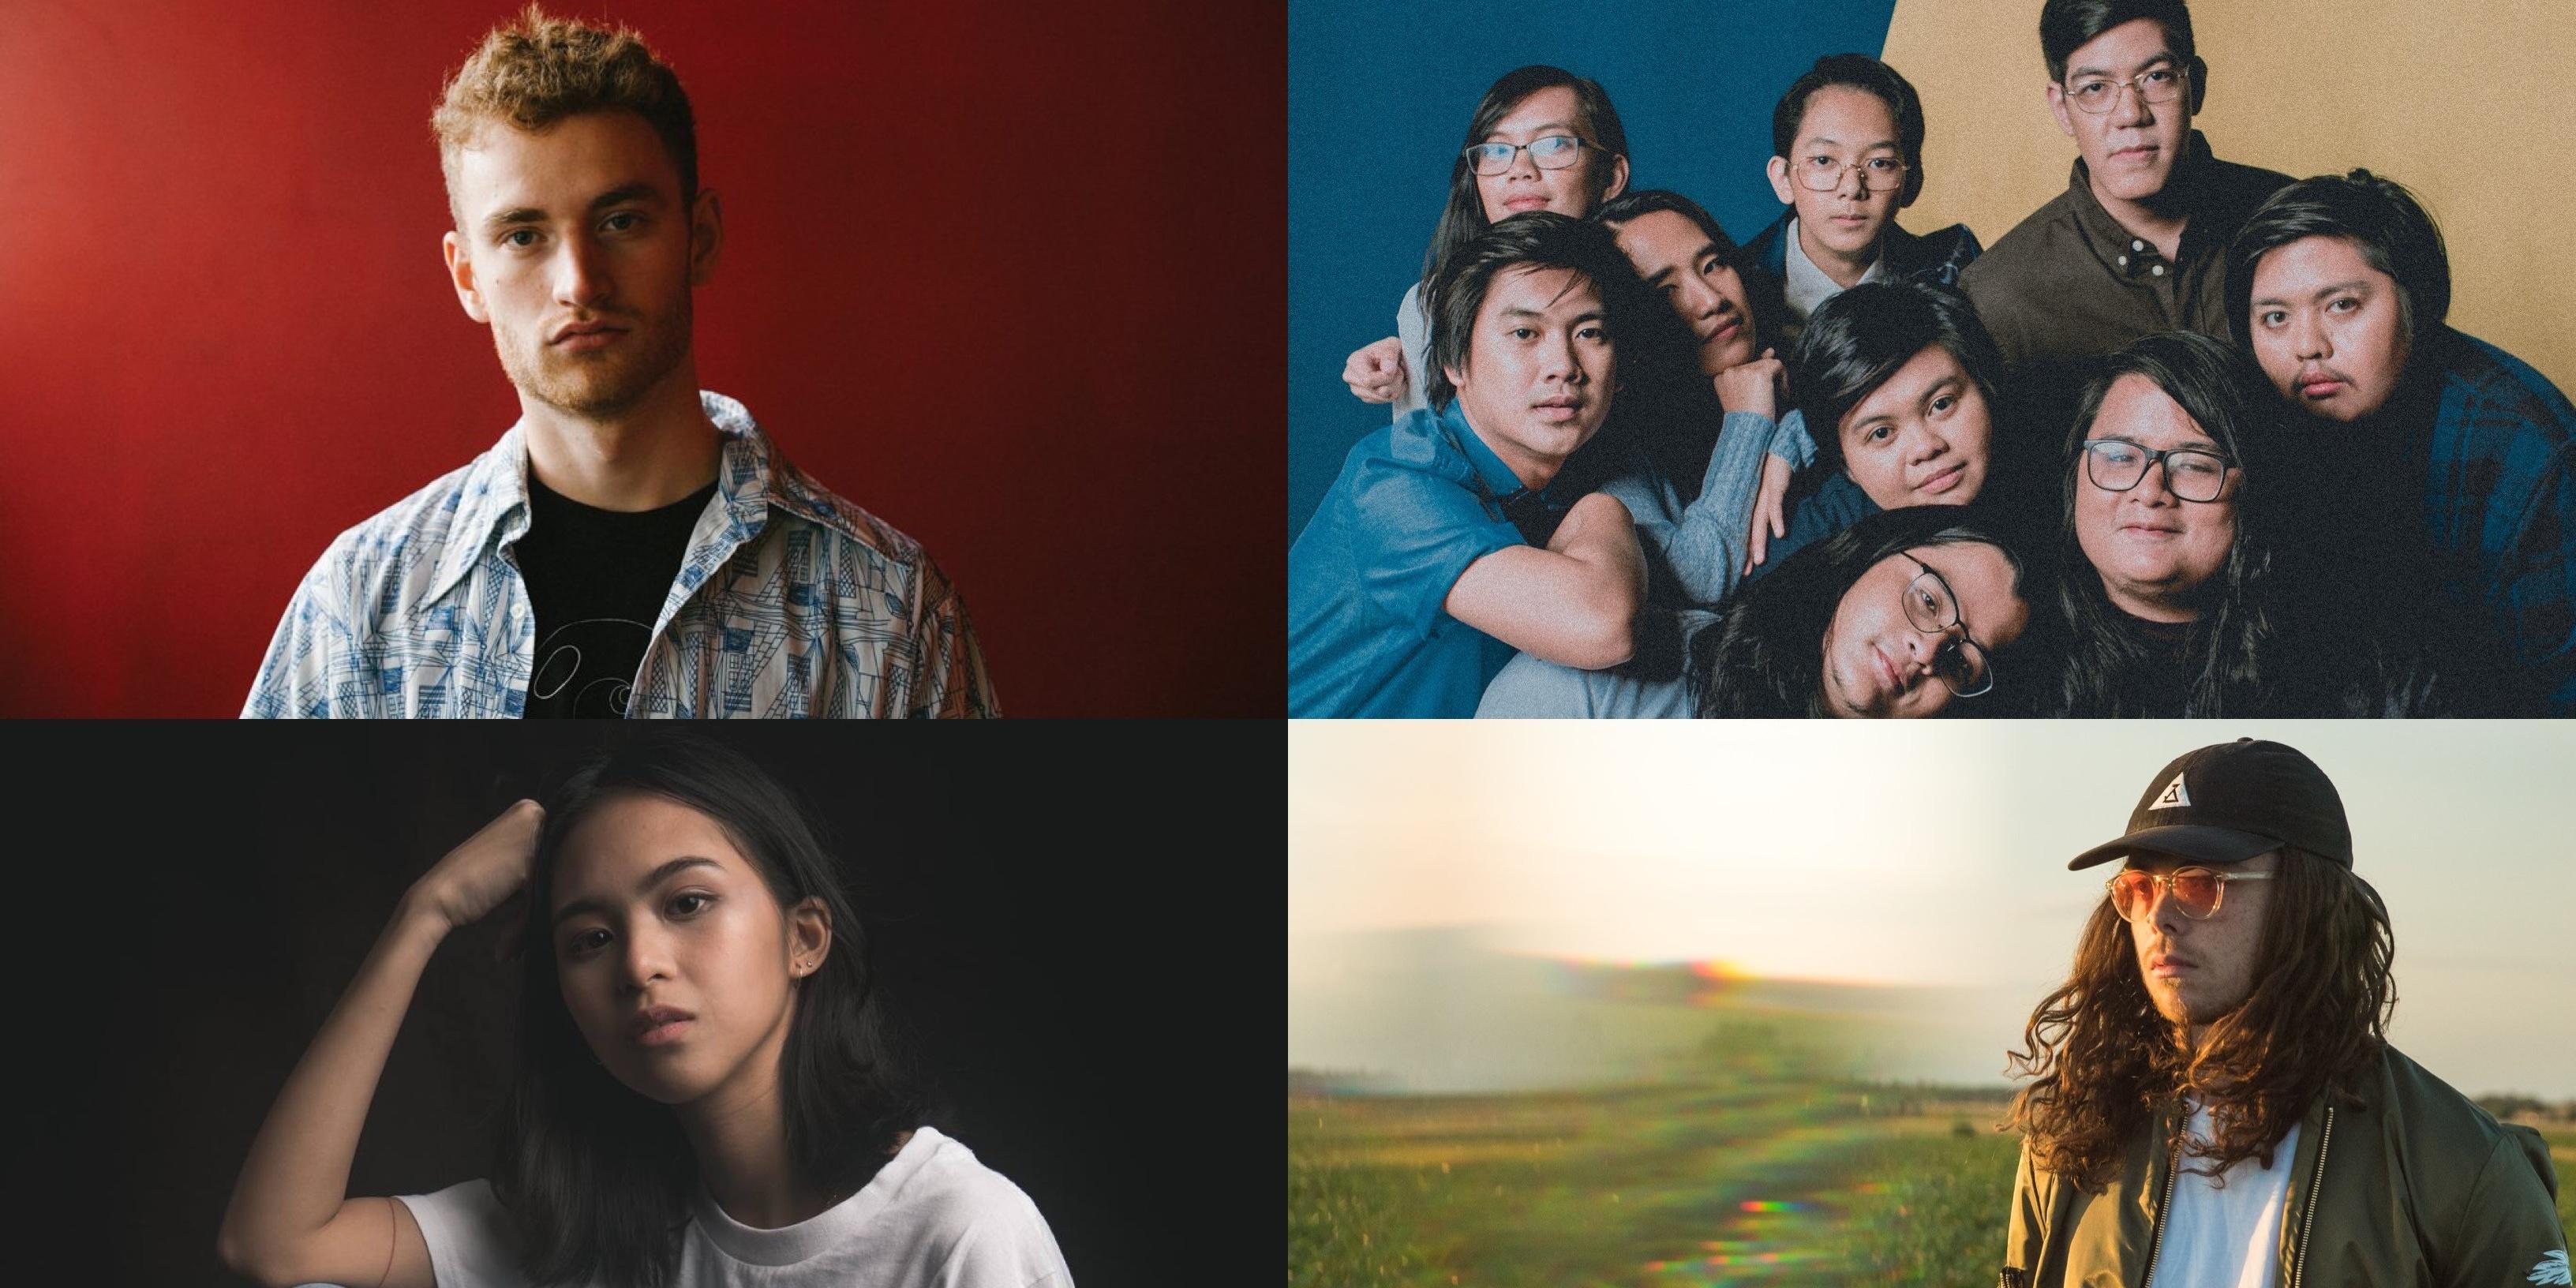 Karpos Live reveals Mix 2 lineup: Tom Misch, Vancouver Sleep Clinic, Ben&Ben, and Clara Benin